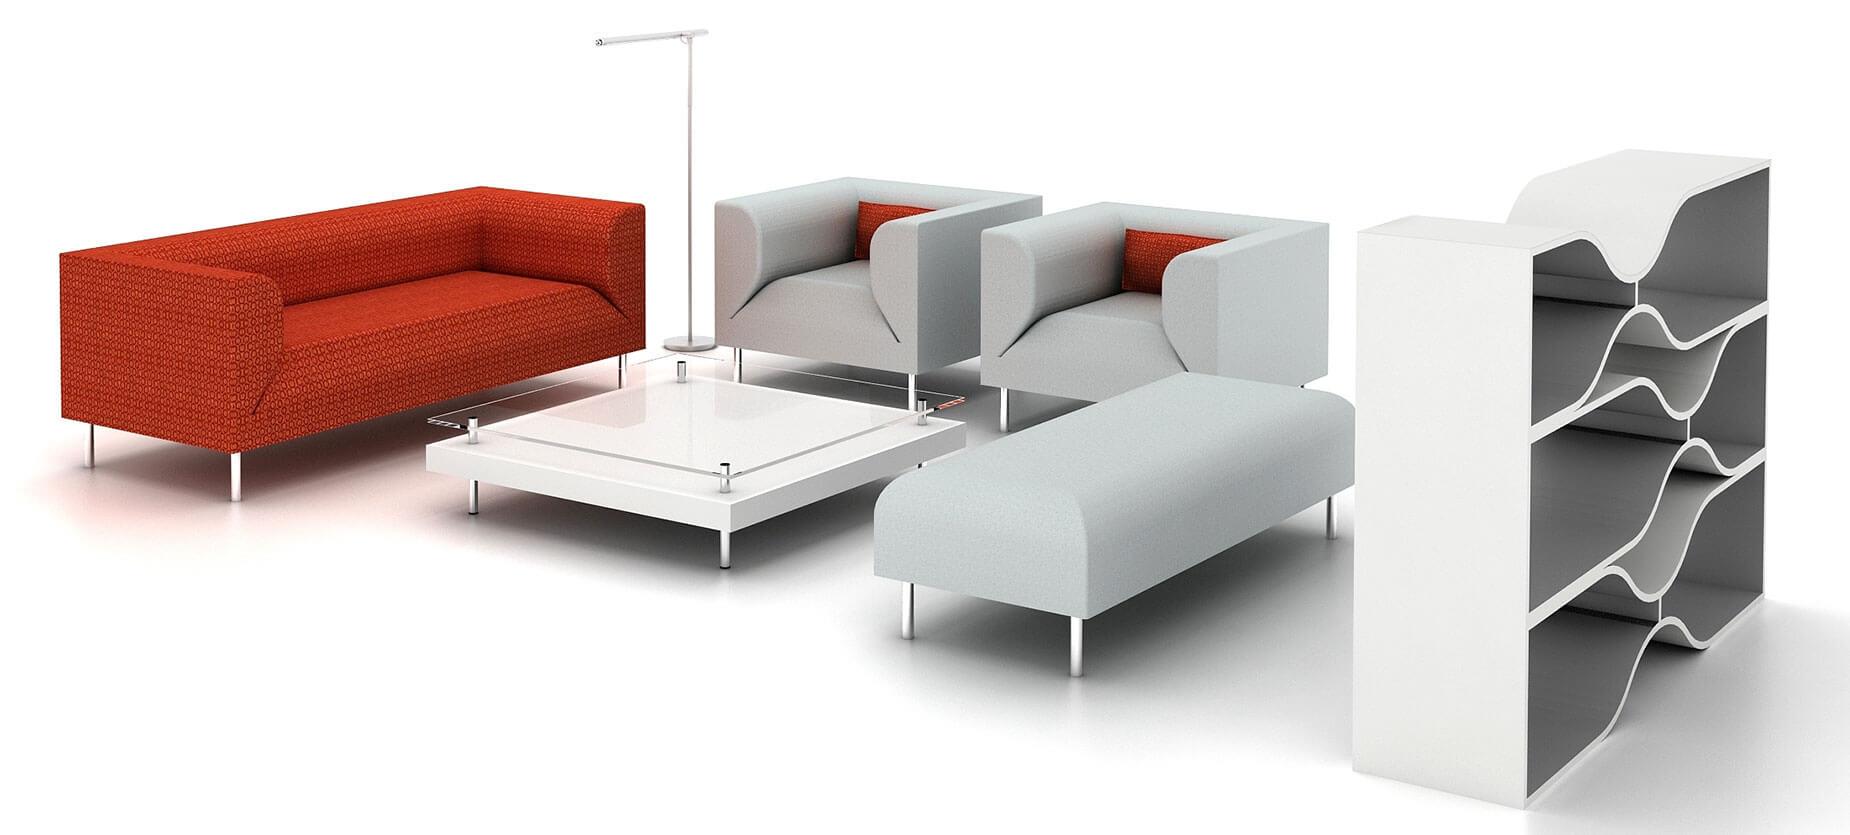 Q_Bic Lounge Seating